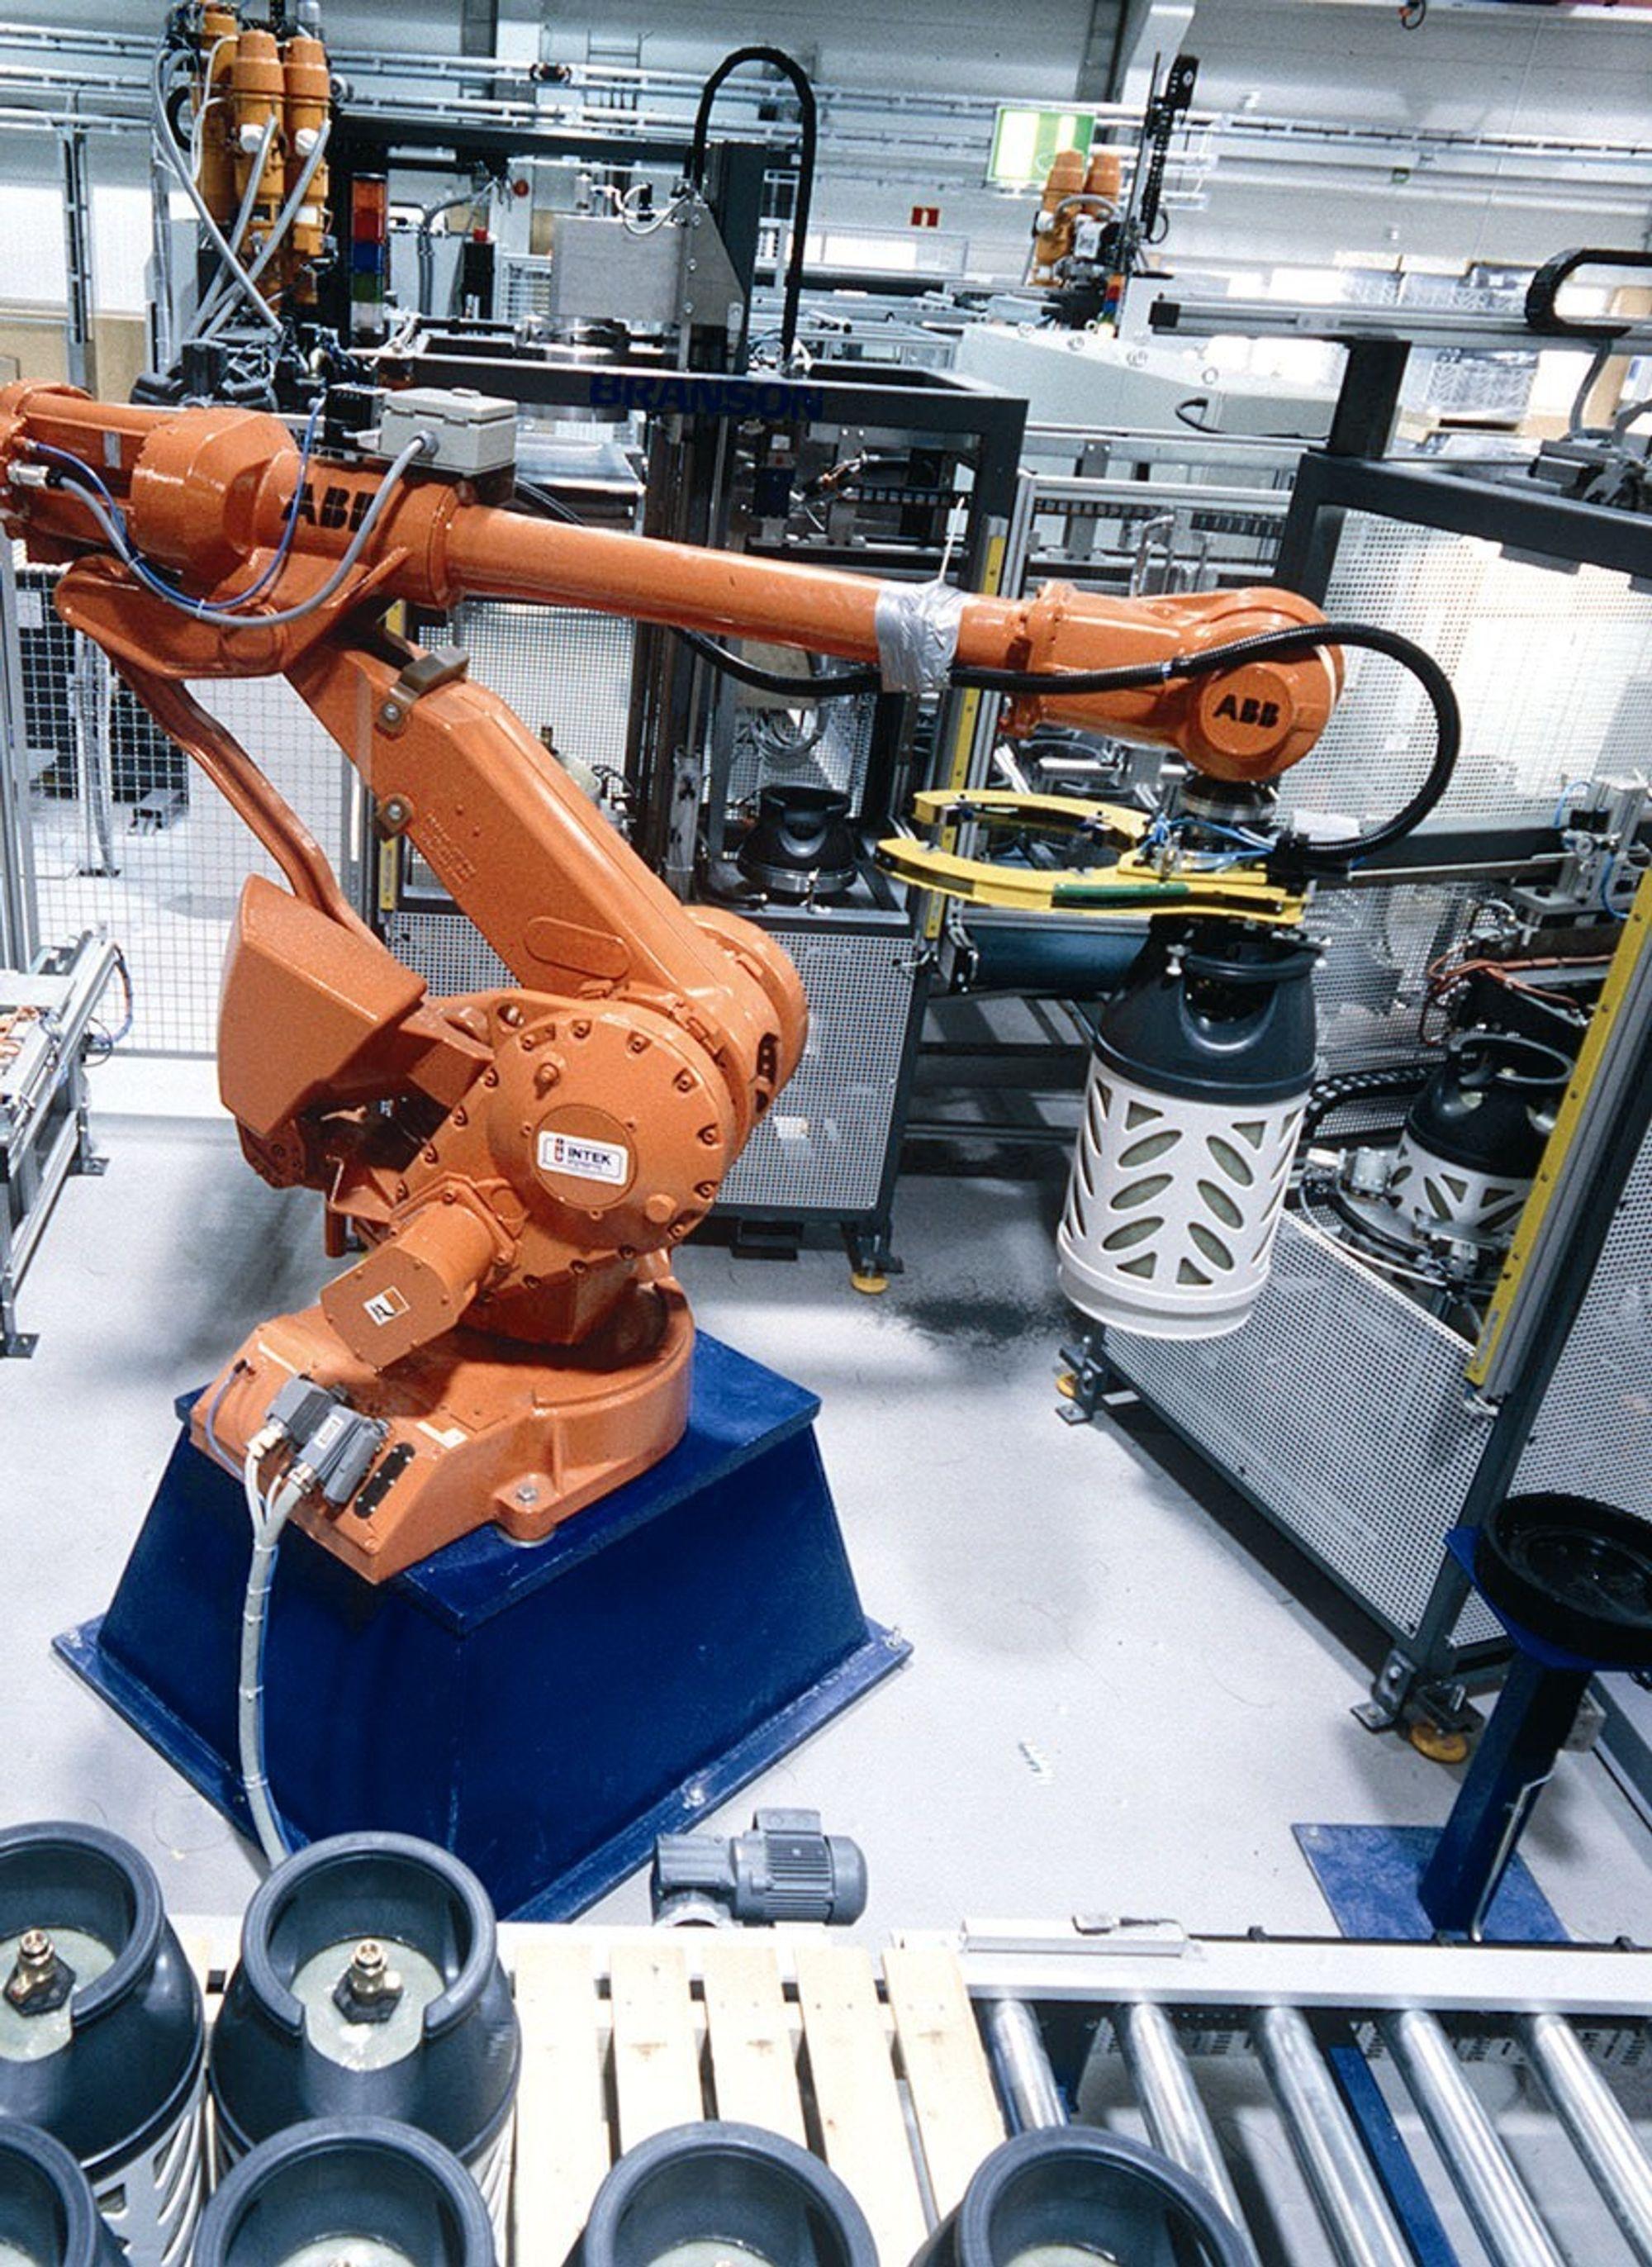 Produksjonen av propanbeholdere ved Hexagon Composites på Raufoss går så det gviner. Årsproduksjonen for 2004 antas å bli om lag 200 000 komposittbeholdere for propan. Av dette utgjør ti kilos beholdere om lag 80 prosent og fem kilos beholdere resten.